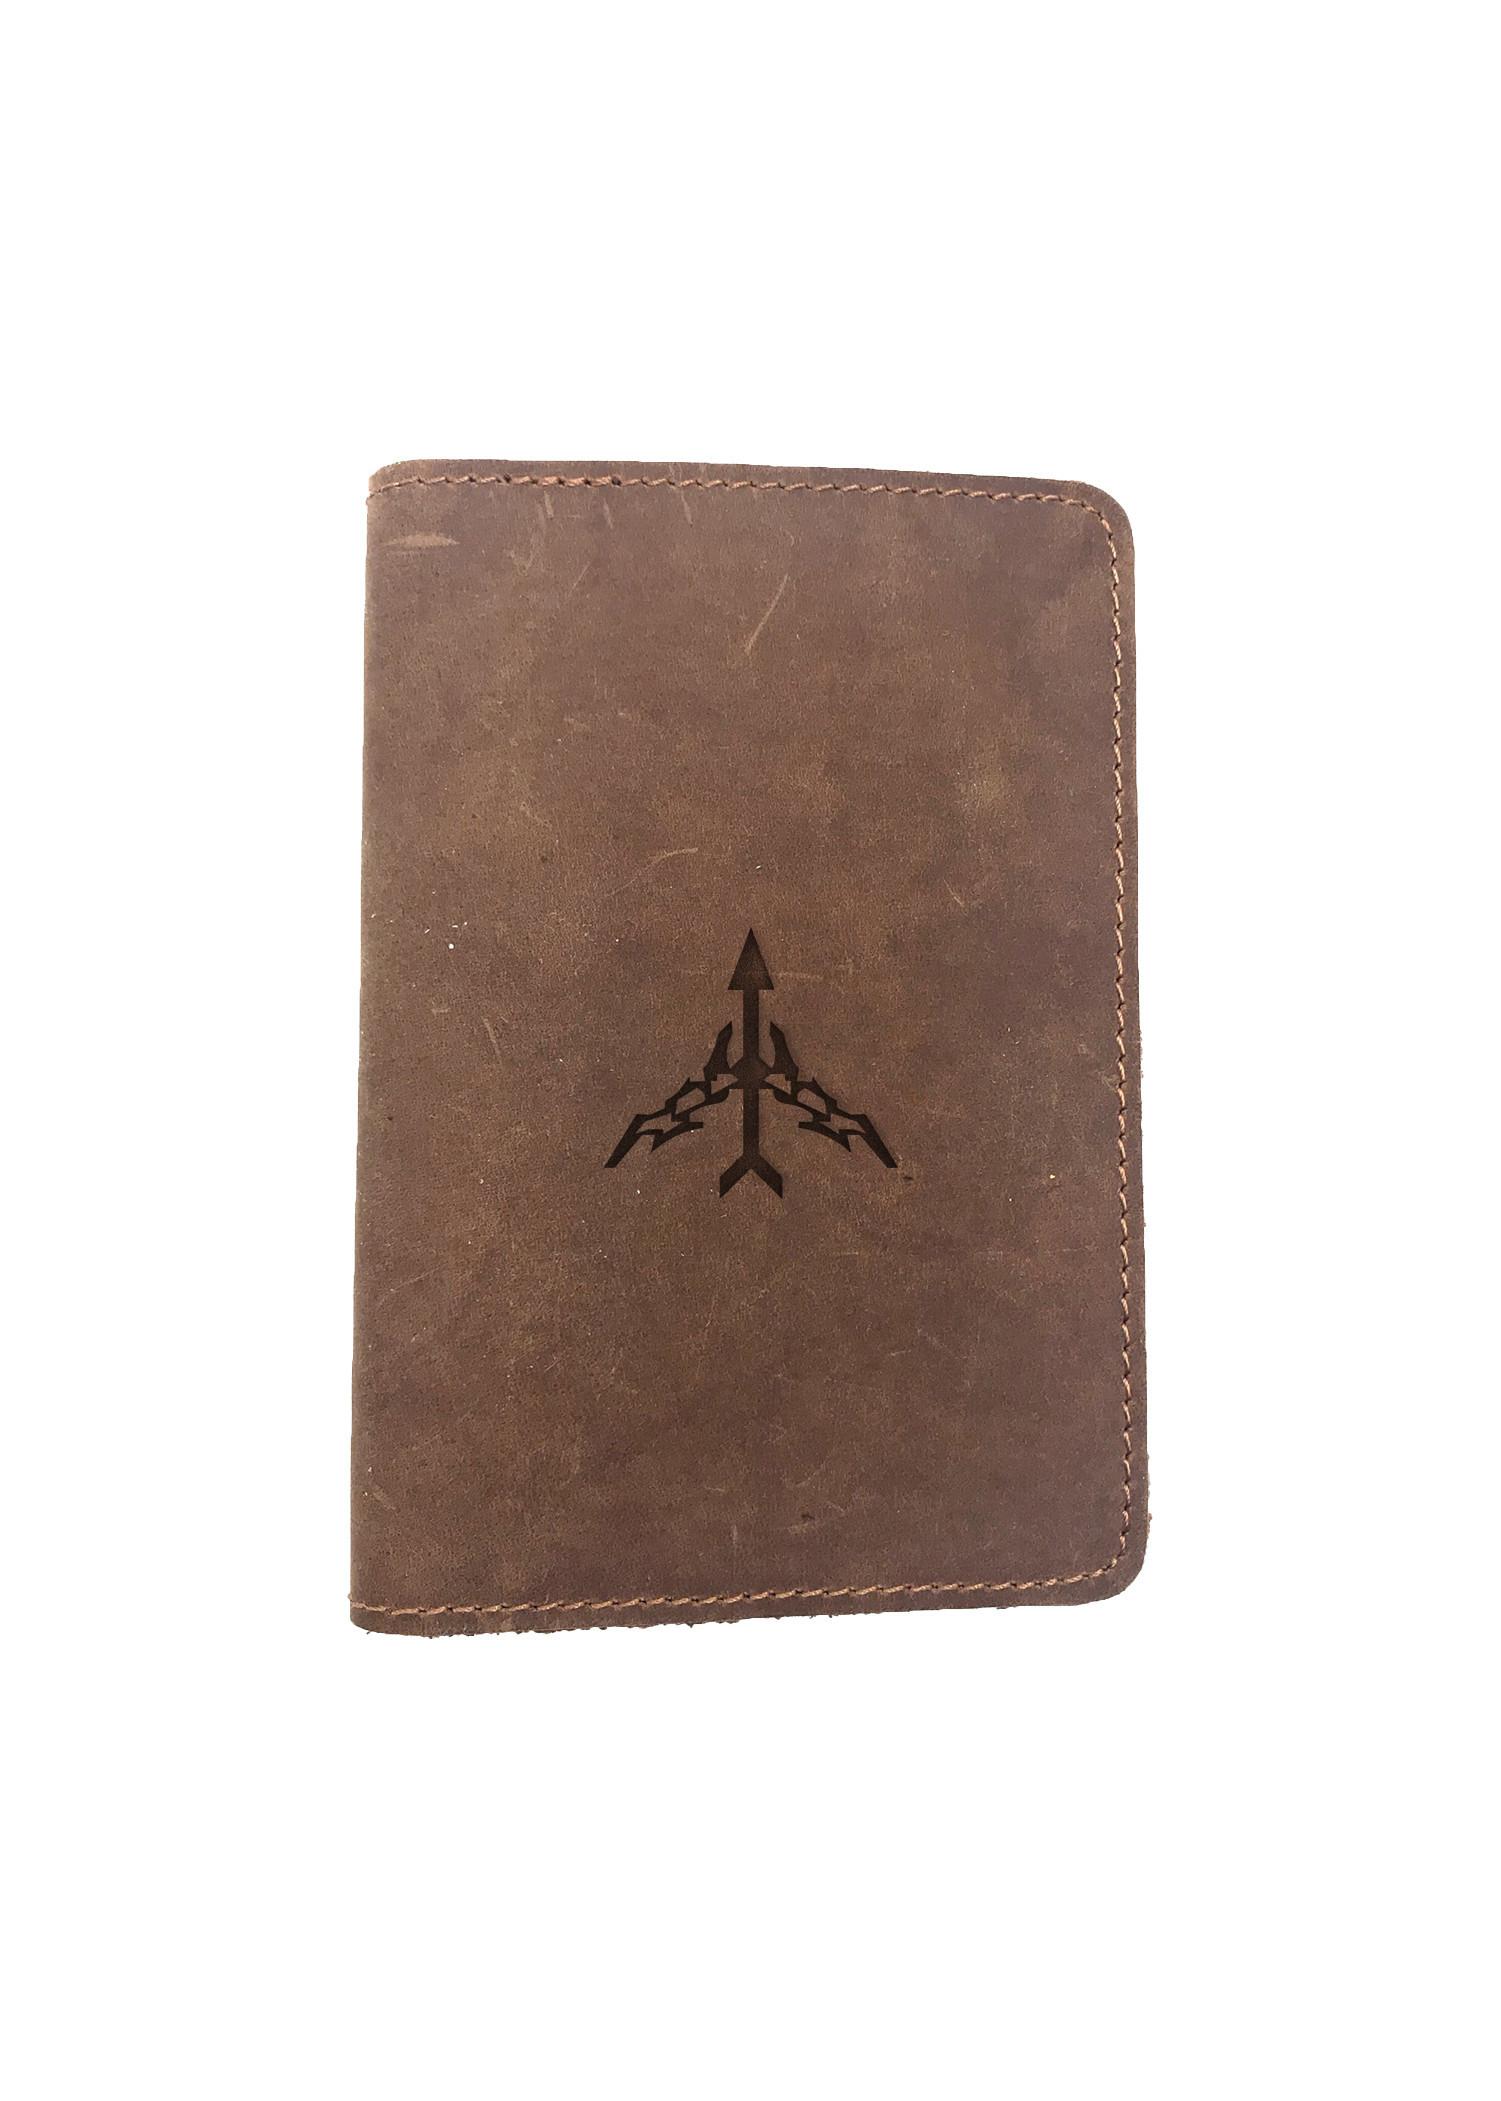 Passport Cover Bao Da Hộ Chiếu Da Sáp Khắc Hình Ký hiệu RANNGER CLASS ICON BOD BLACK DESERT (BROWN)